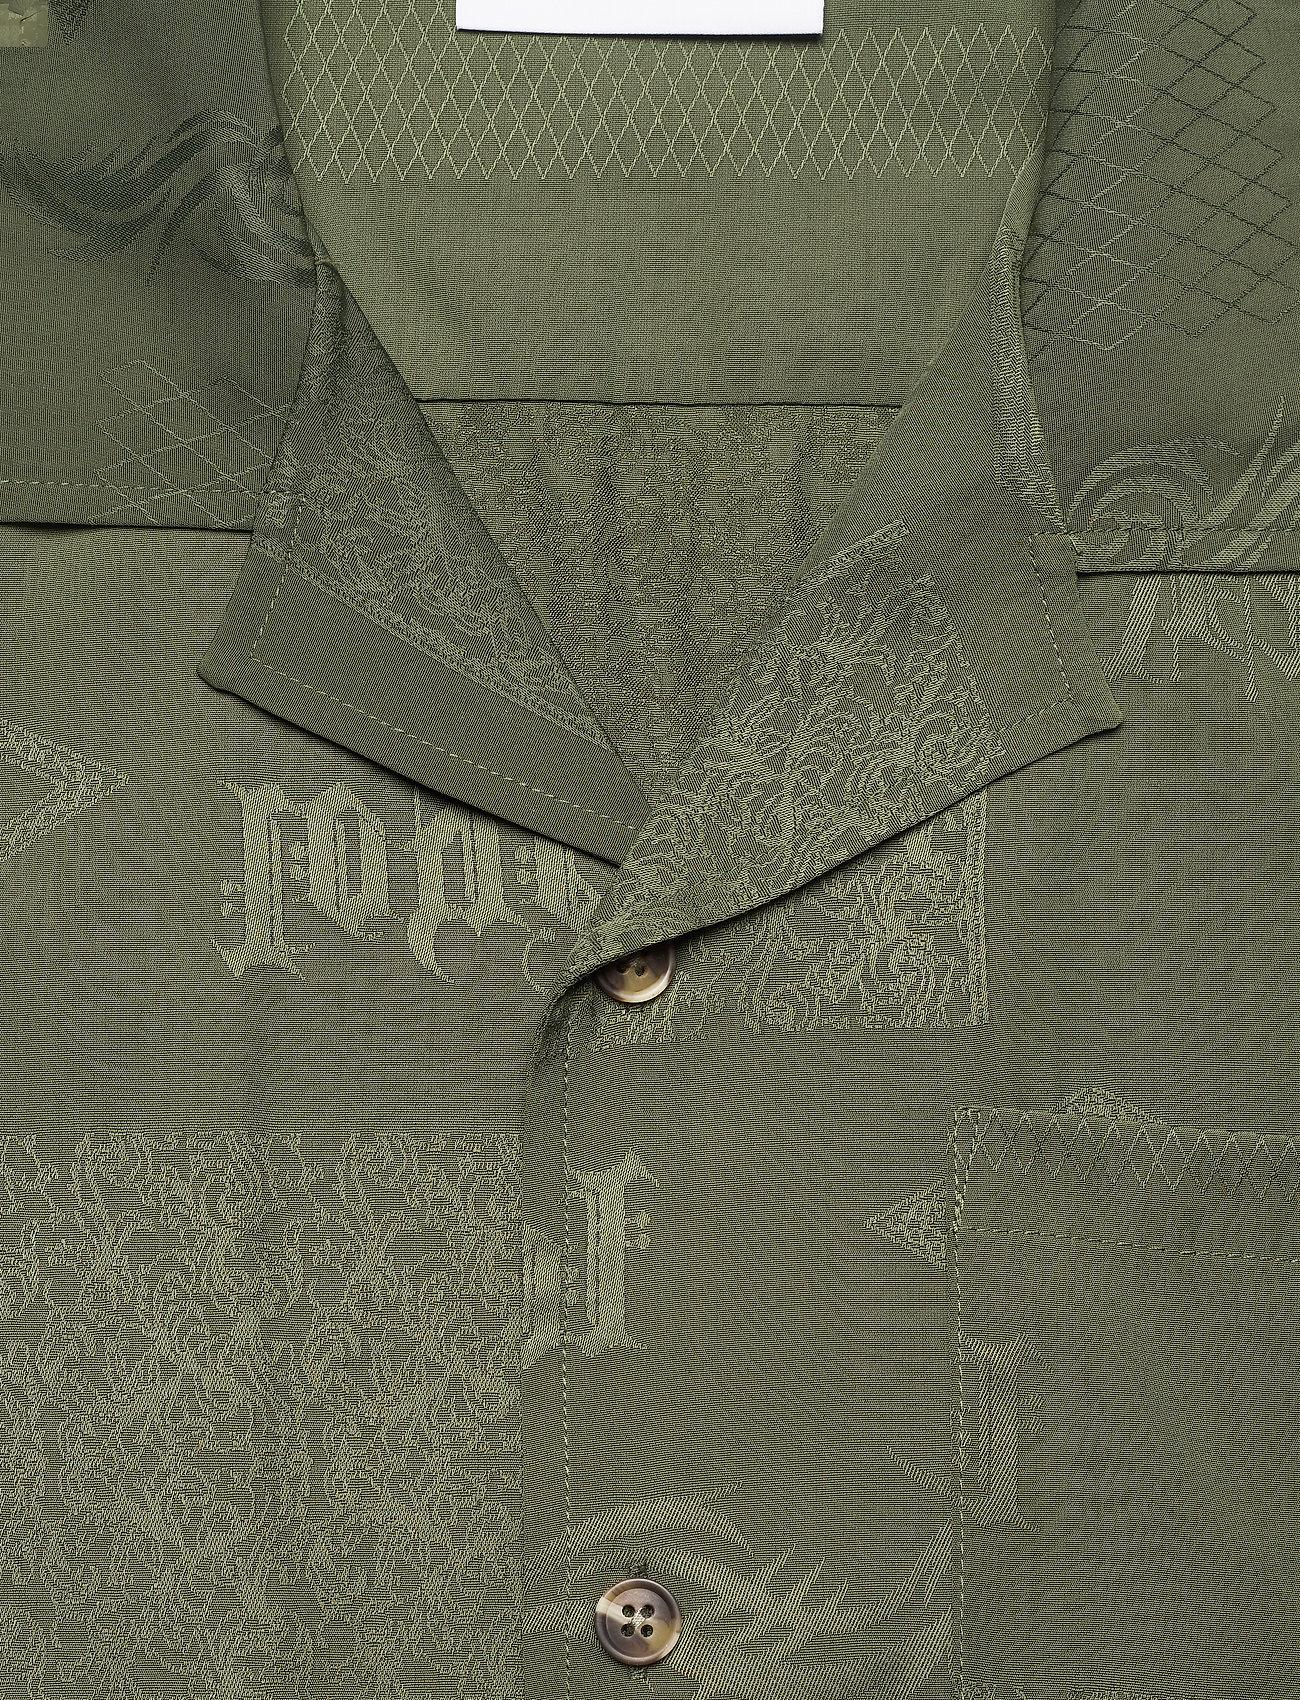 HAN Kjøbenhavn - Summer Shirt - overhemden korte mouwen - green tribal - 2